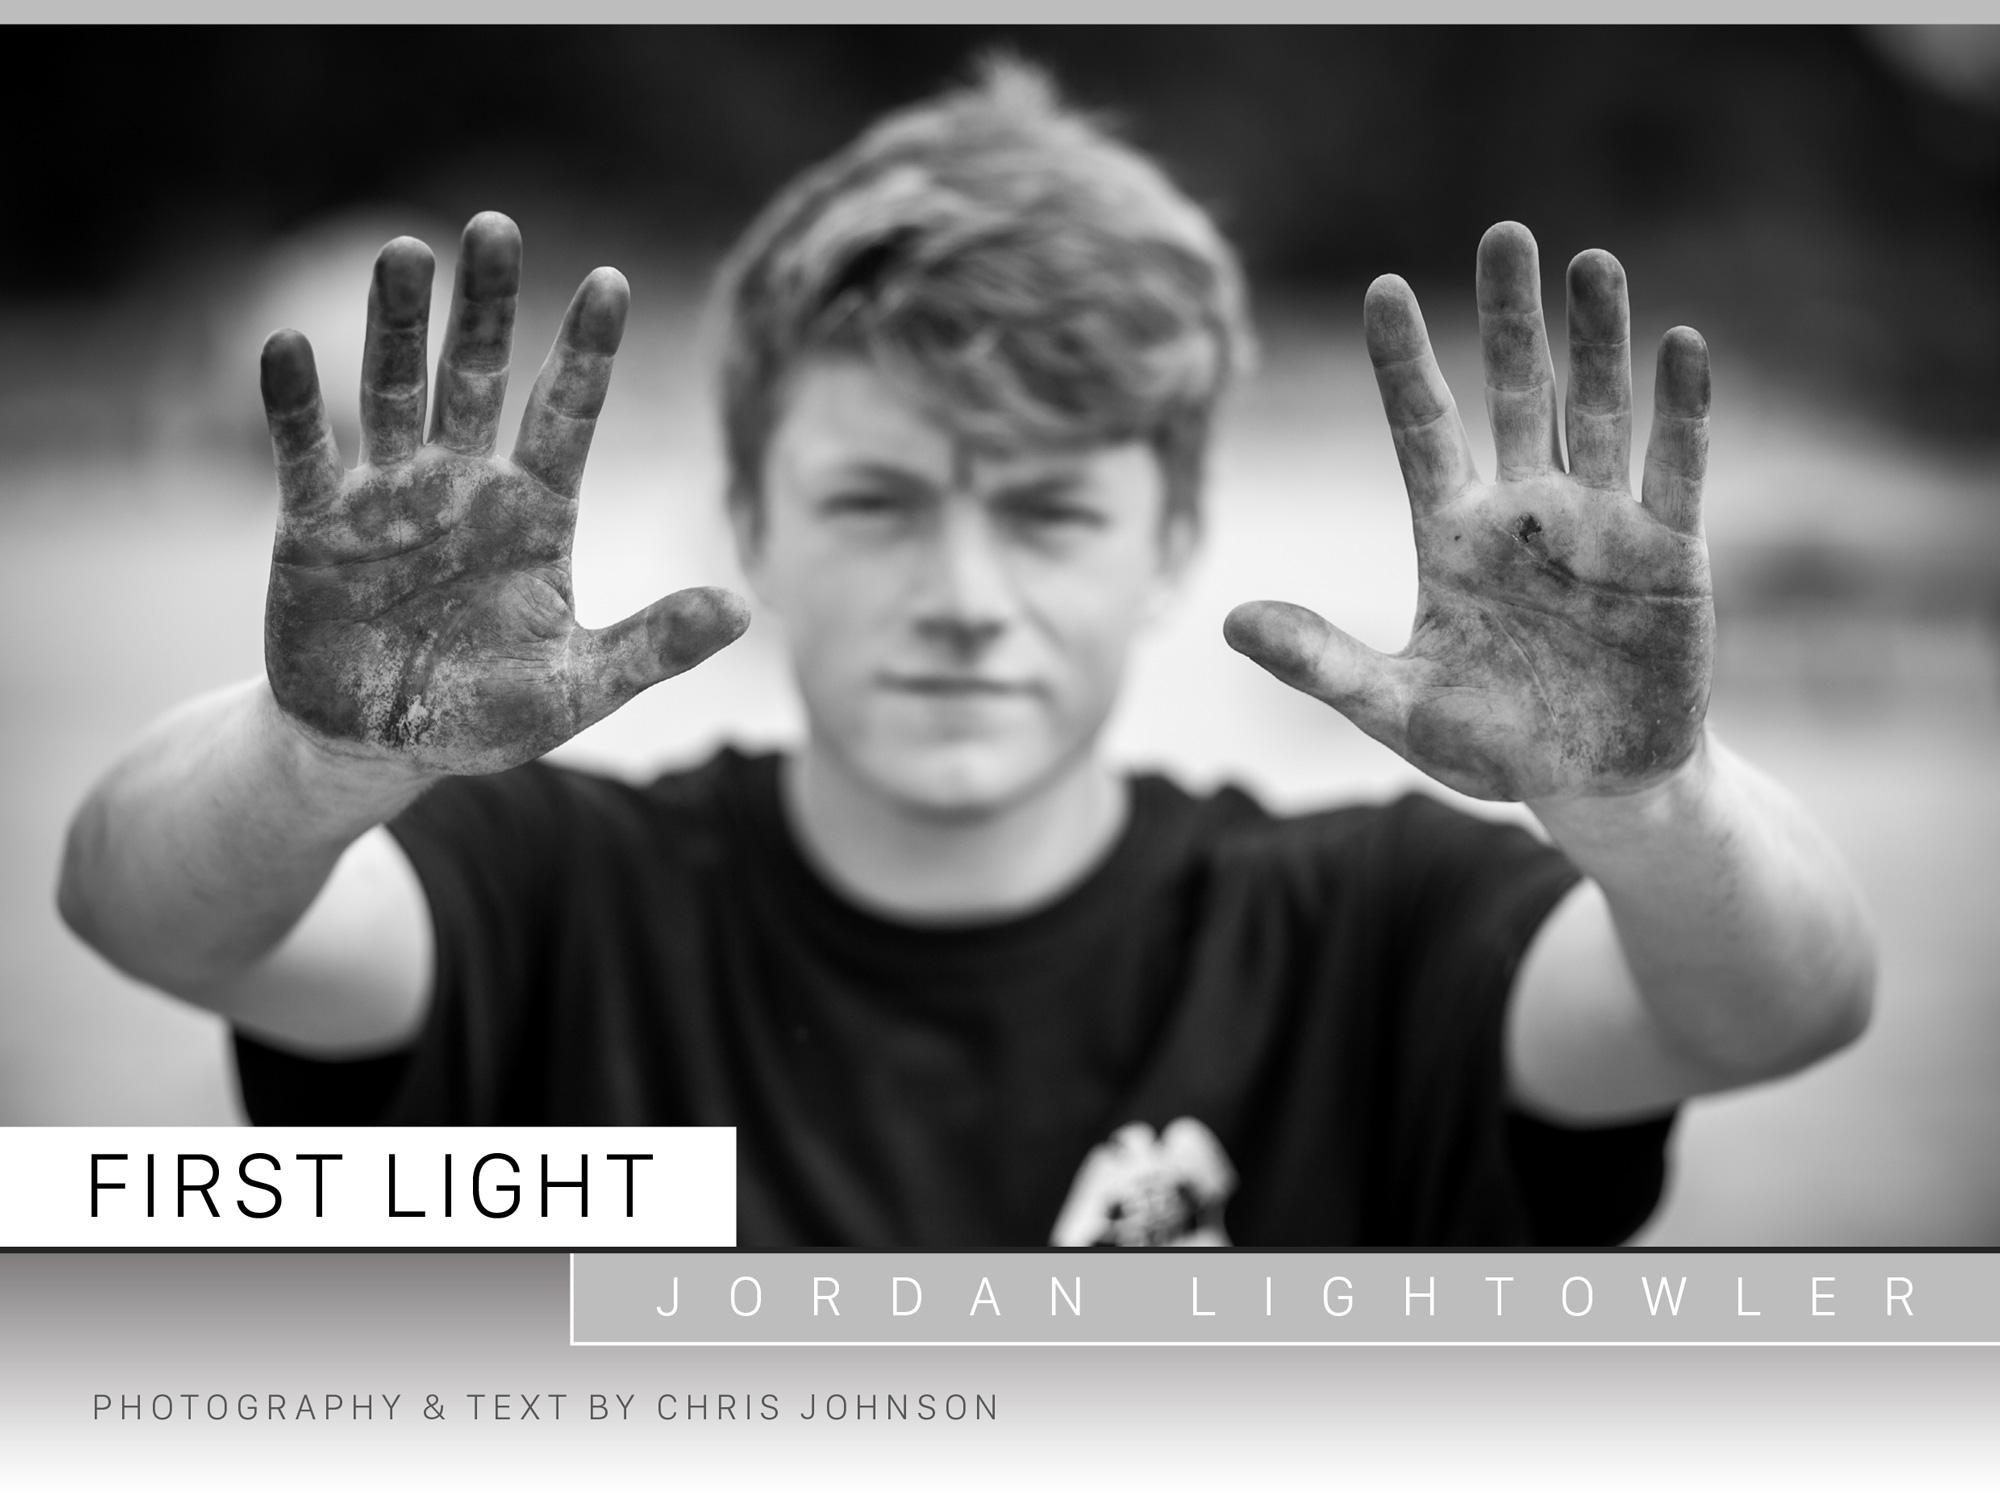 Jordan Lightowler – First Light